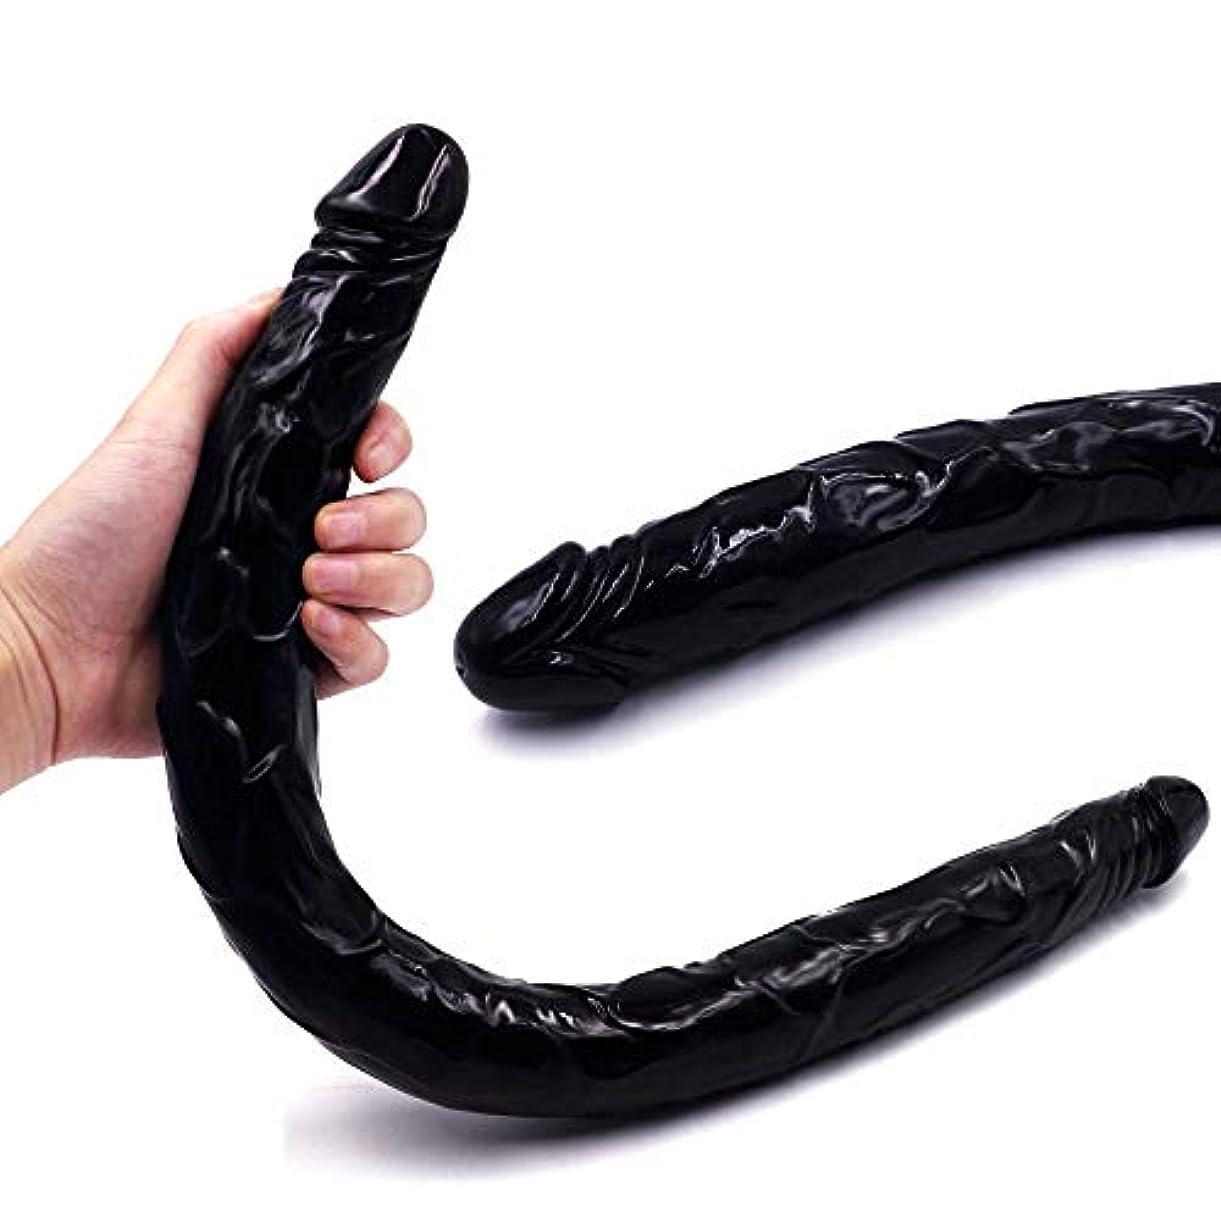 遊び場フルーティー絵ペニス 21.56インチの超長い二重ヘッドボディは女性のためのマッサージャーの大きいマッサージの細い棒のおもちゃを緩めます マッサージャー